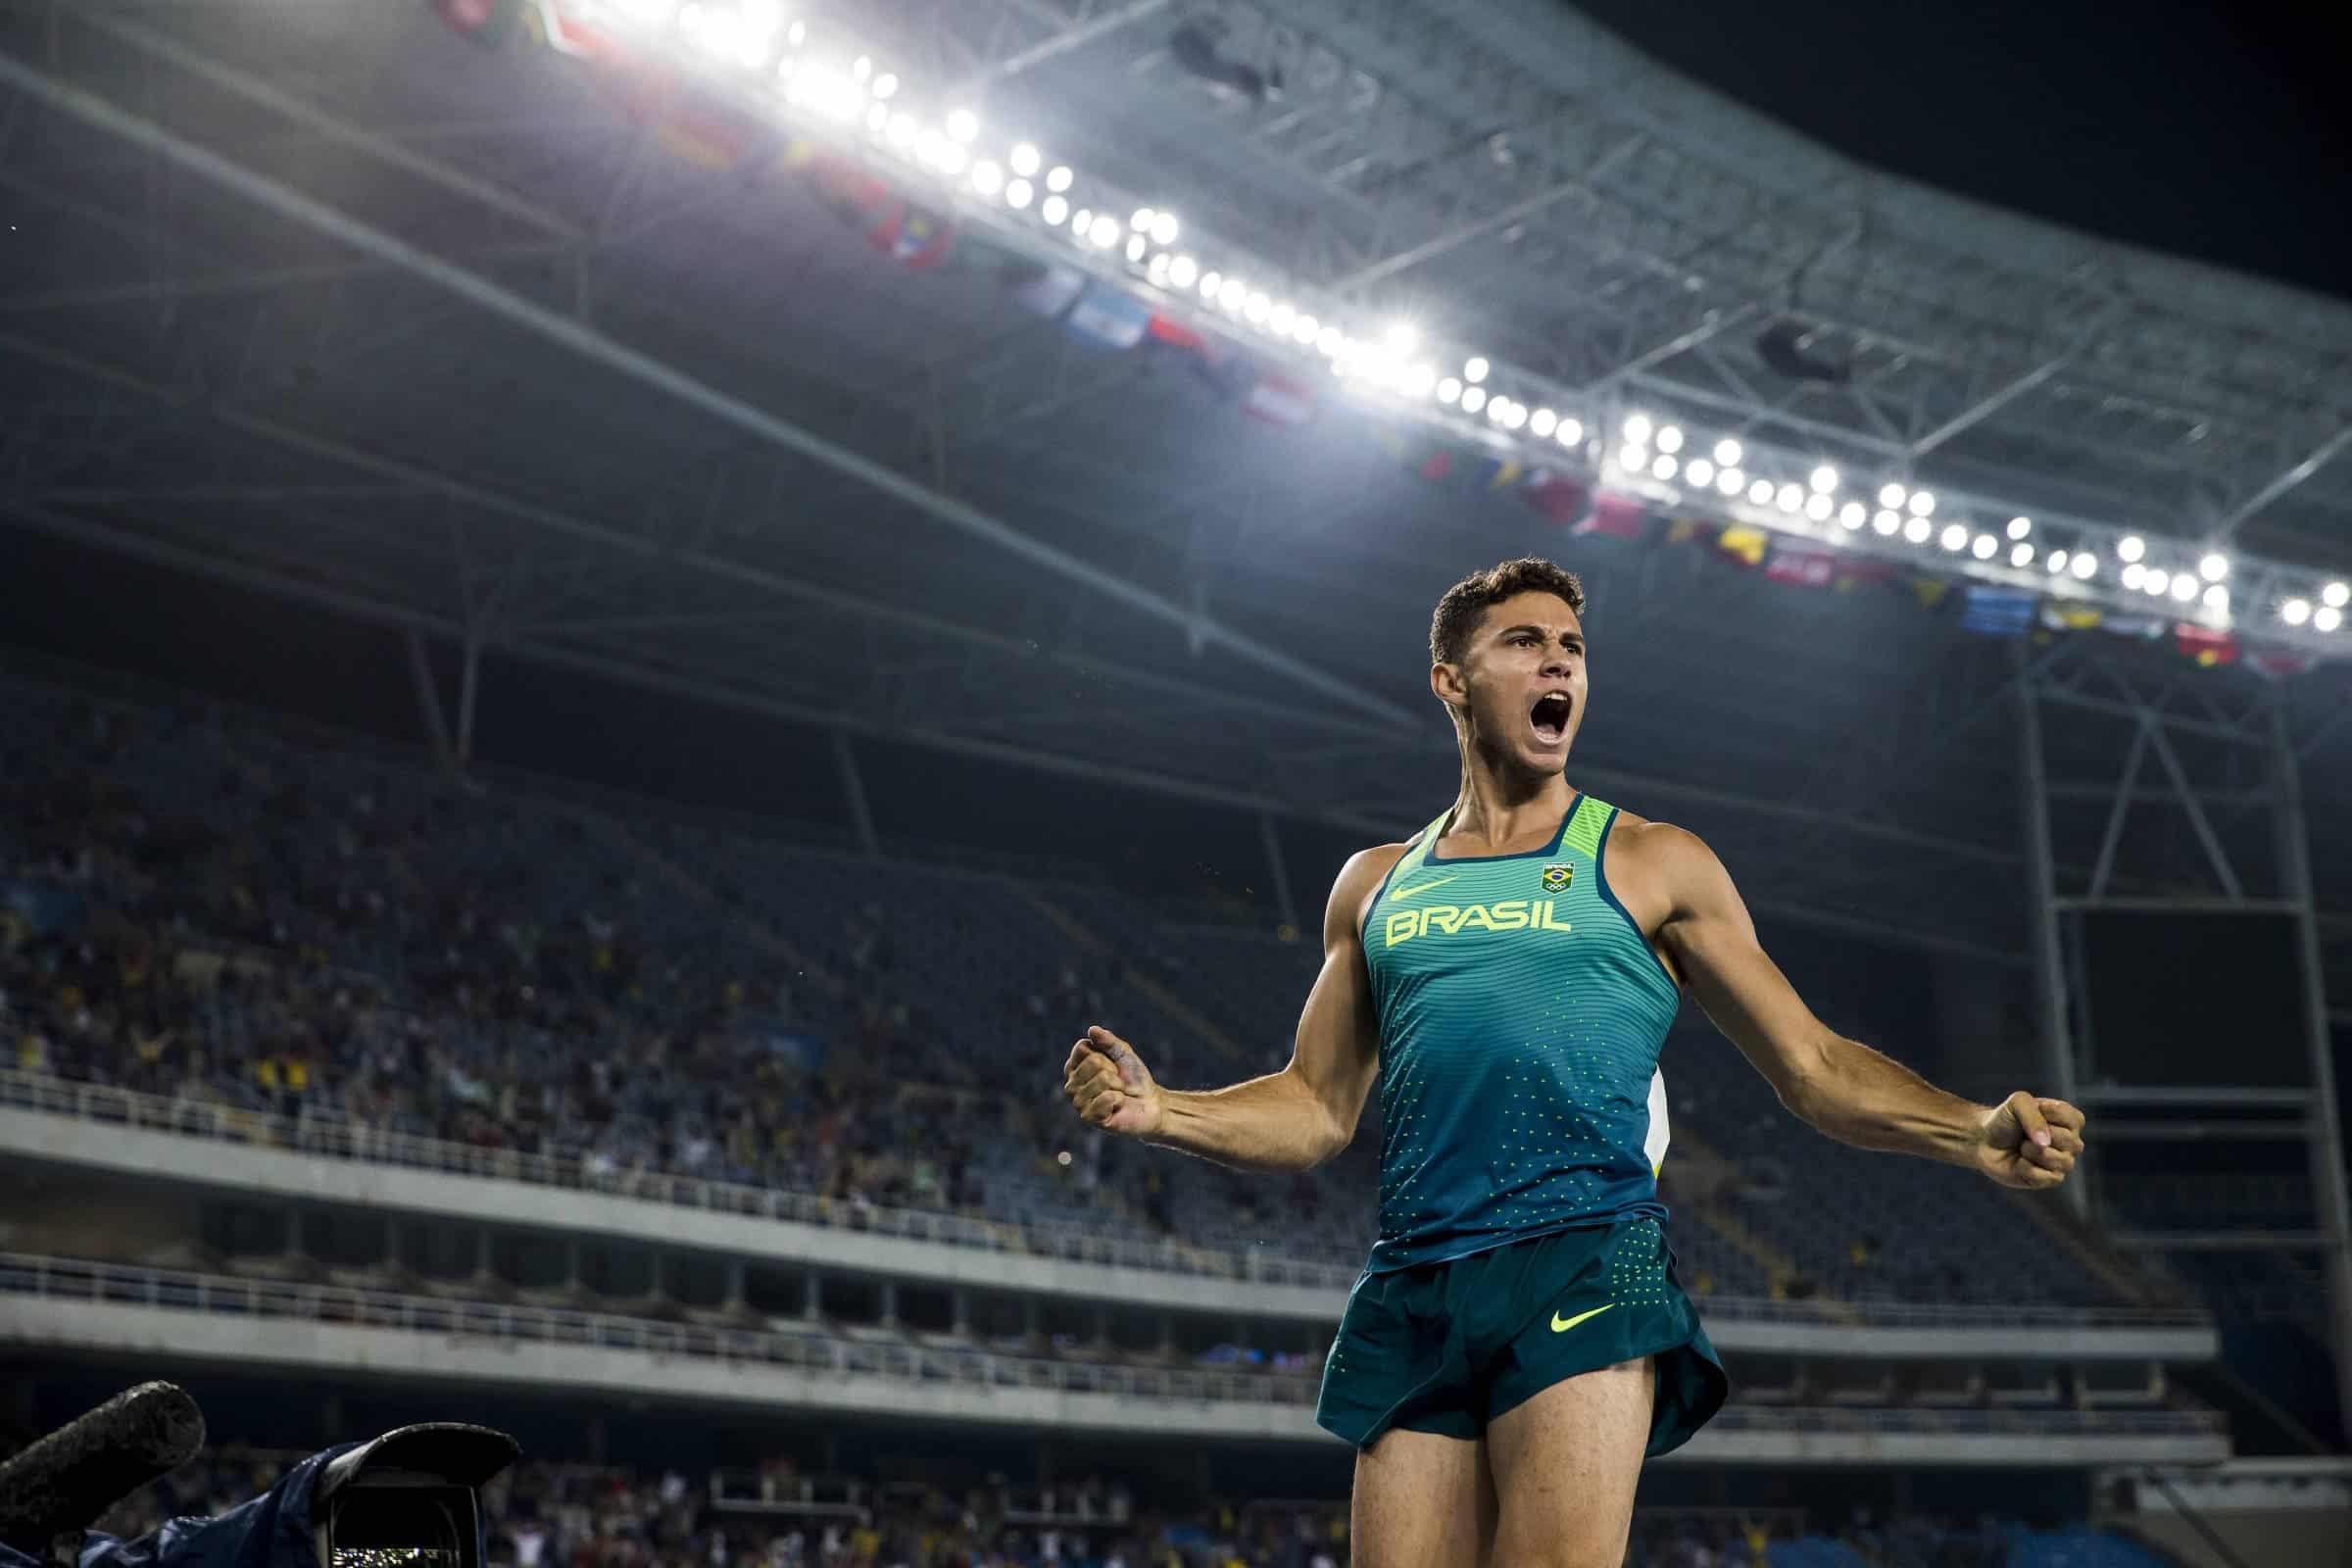 Com Thiago Braz e Rogério Sampaio, relembre medalhas surpreendentes do Brasil em Jogos Olímpicos